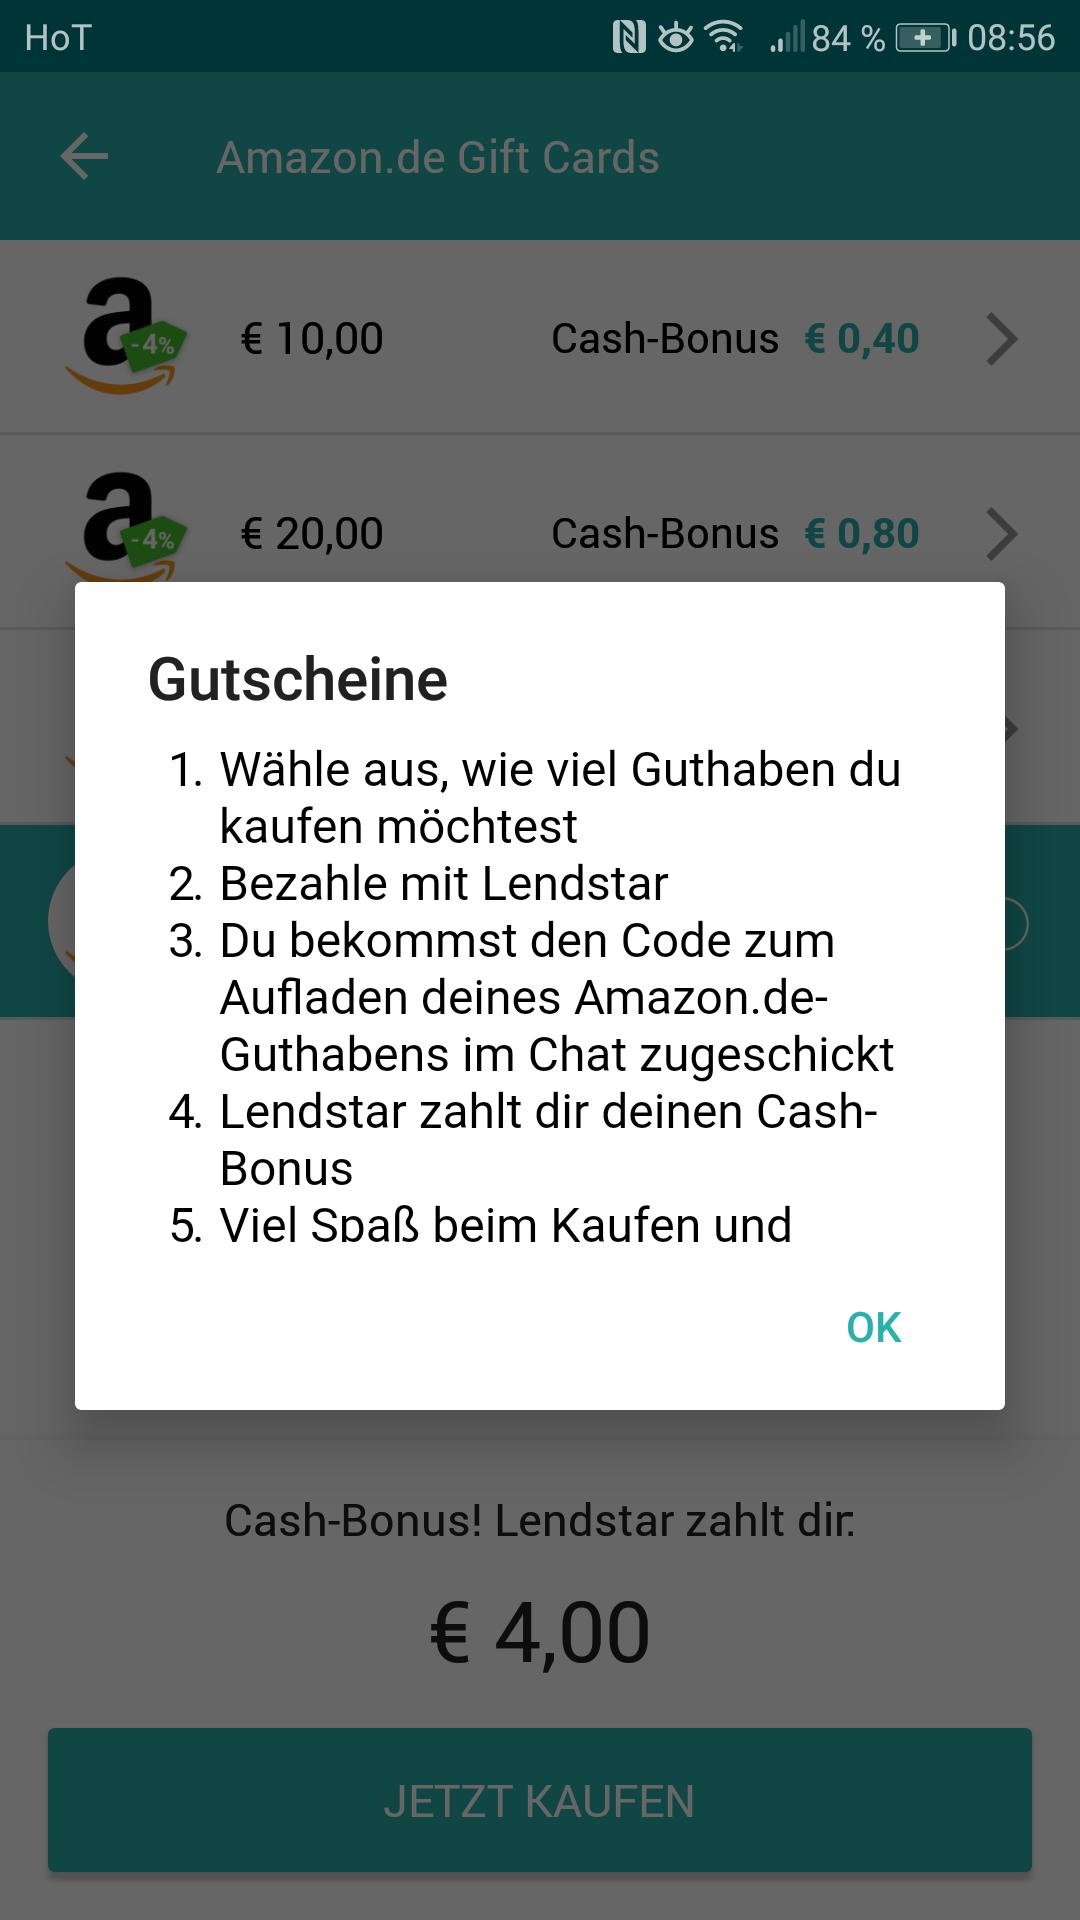 Amazon 4% Cashback auf Gutscheine - Lendstar